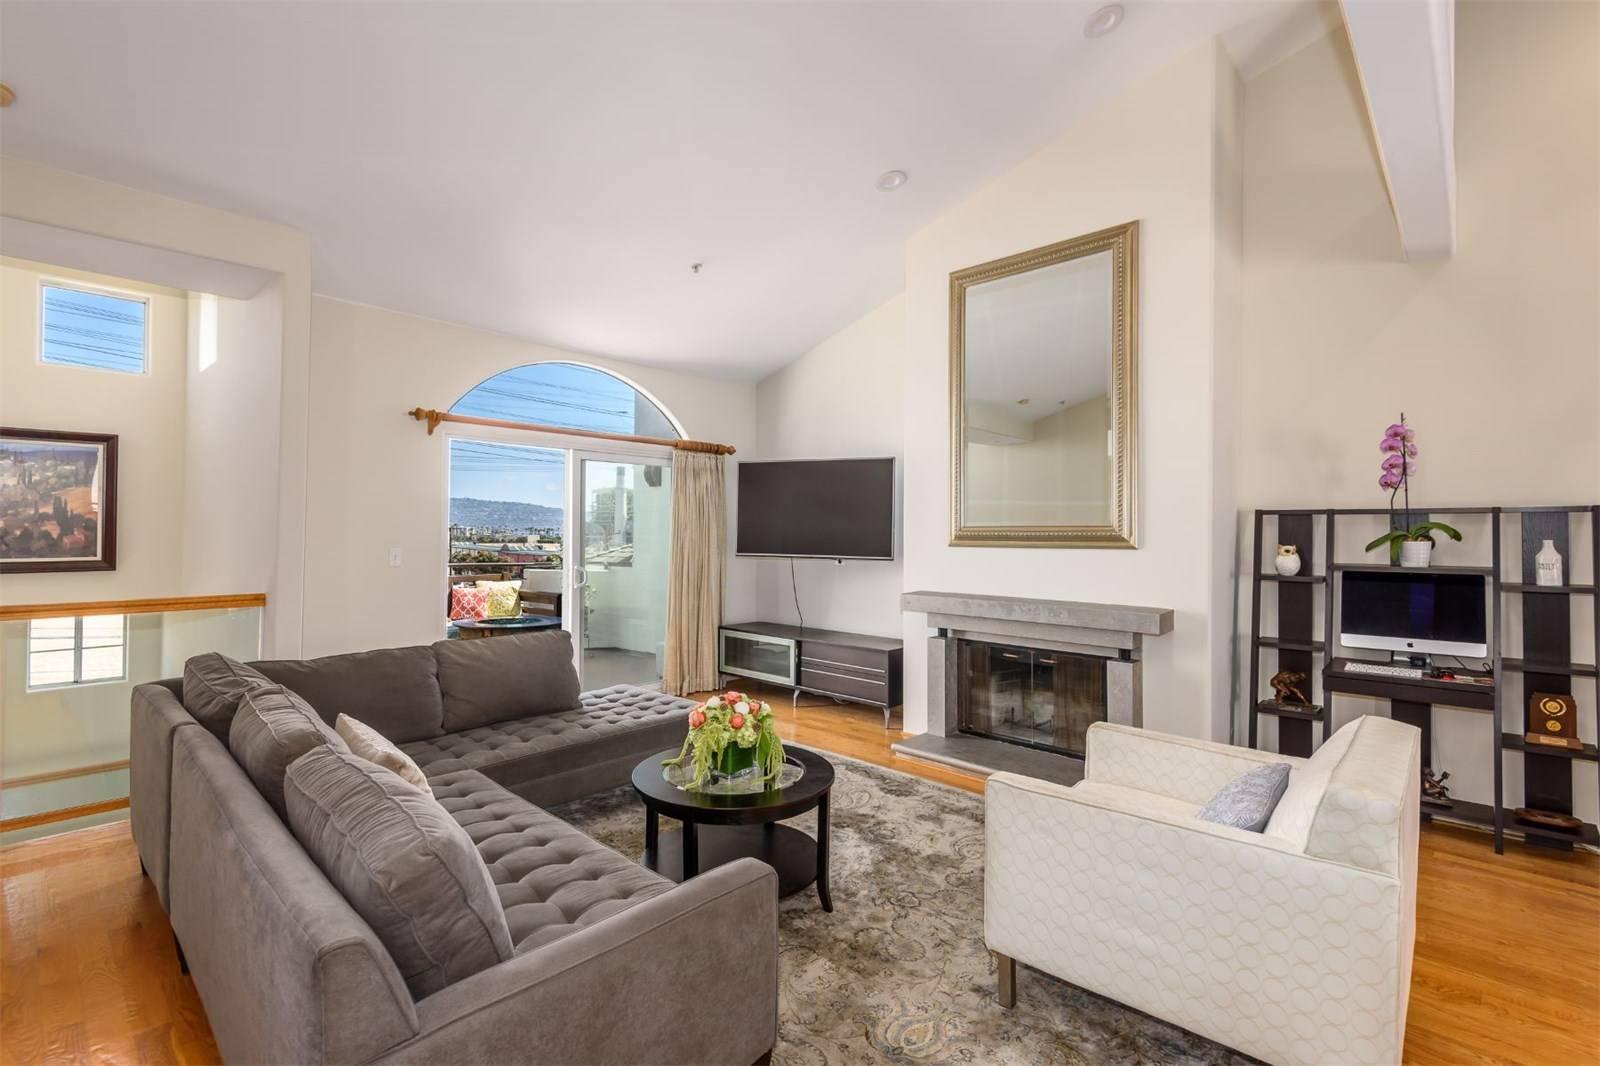 540 1st Street  - living room 2.jpeg